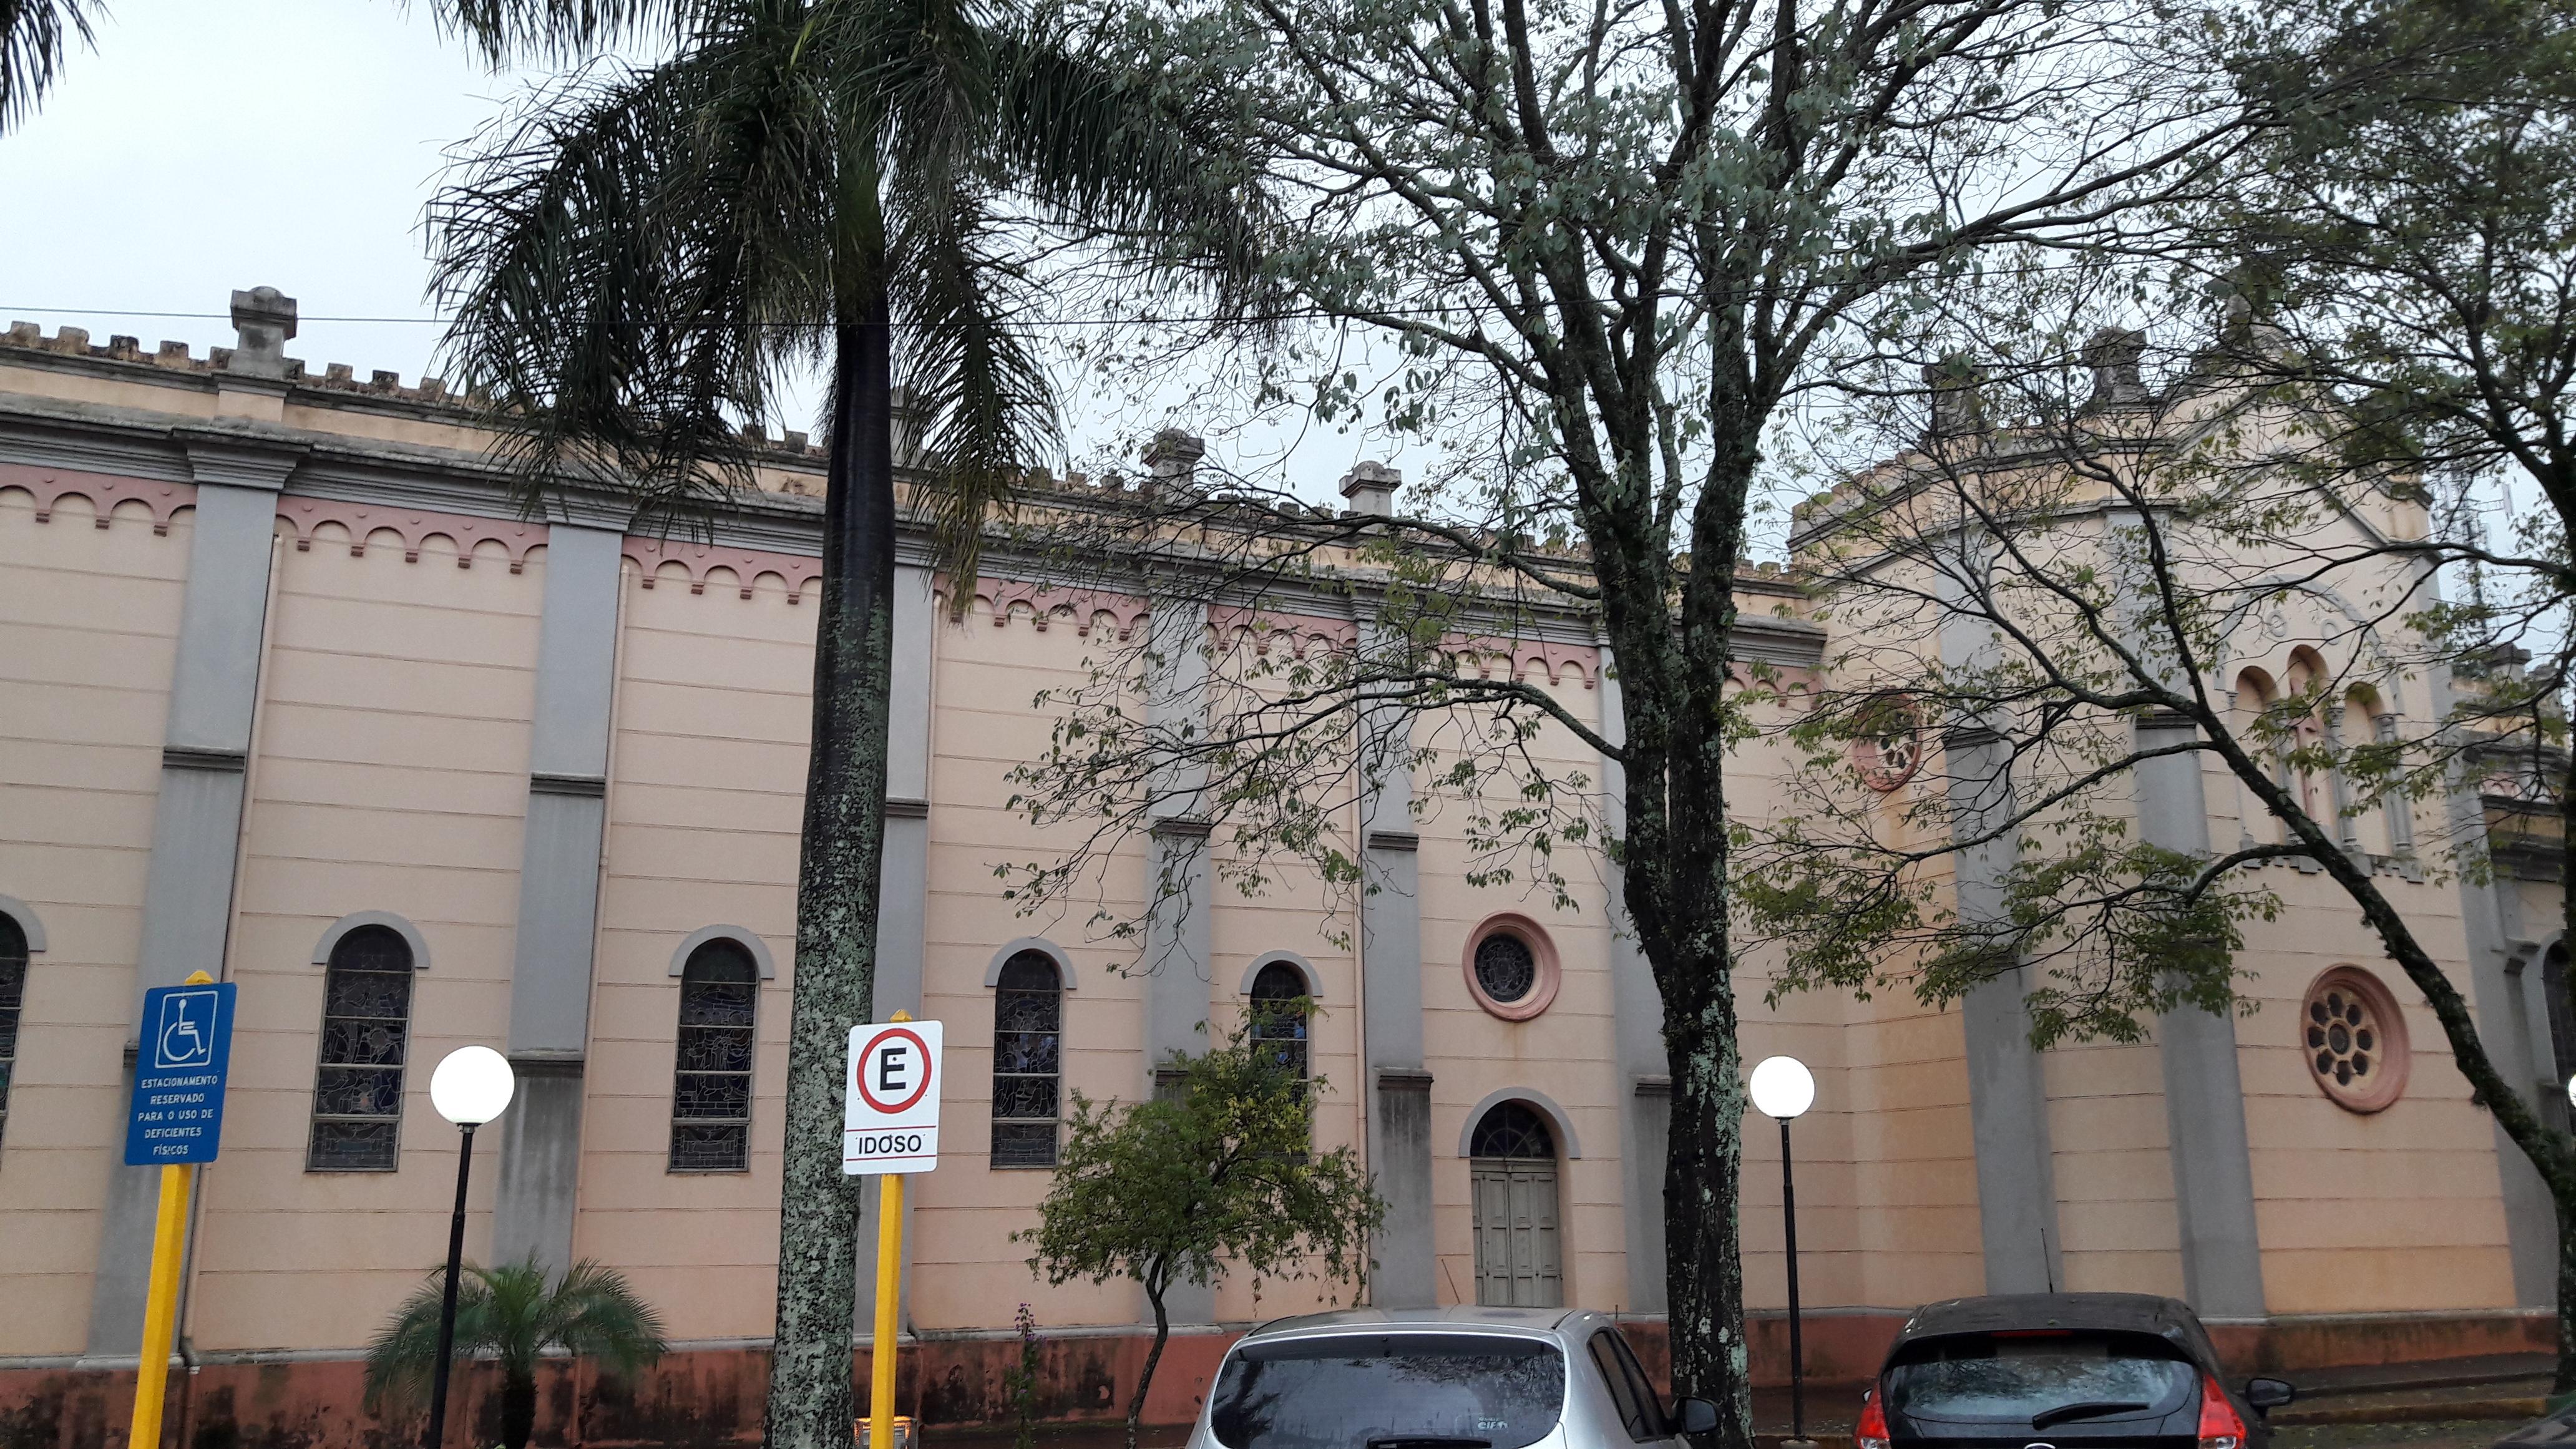 descalvado-church-nossa-senhora-do-belc3a9m-side-may17-1